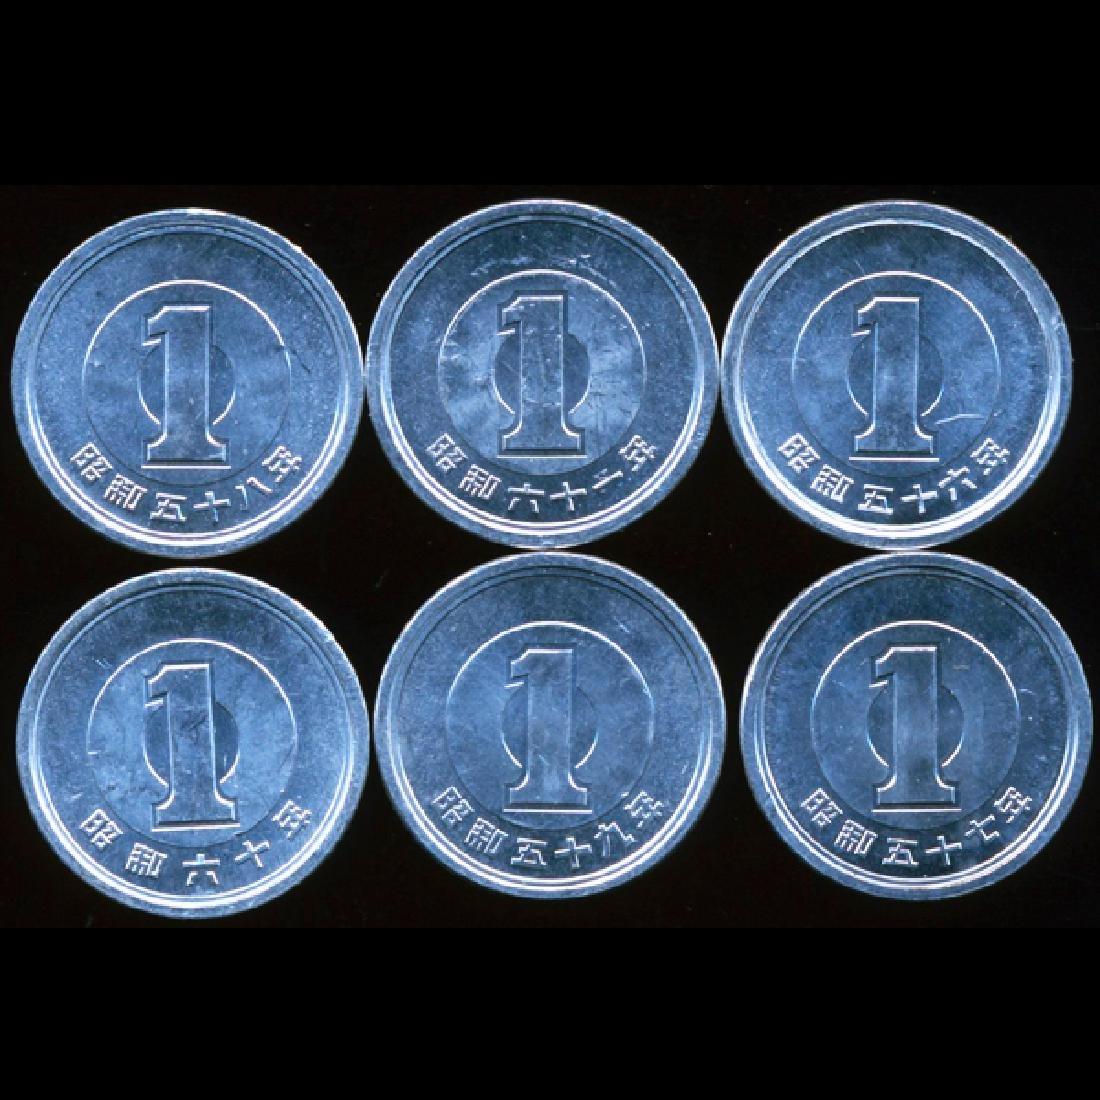 1981-86 Japan 1 Yen BU 6pcs